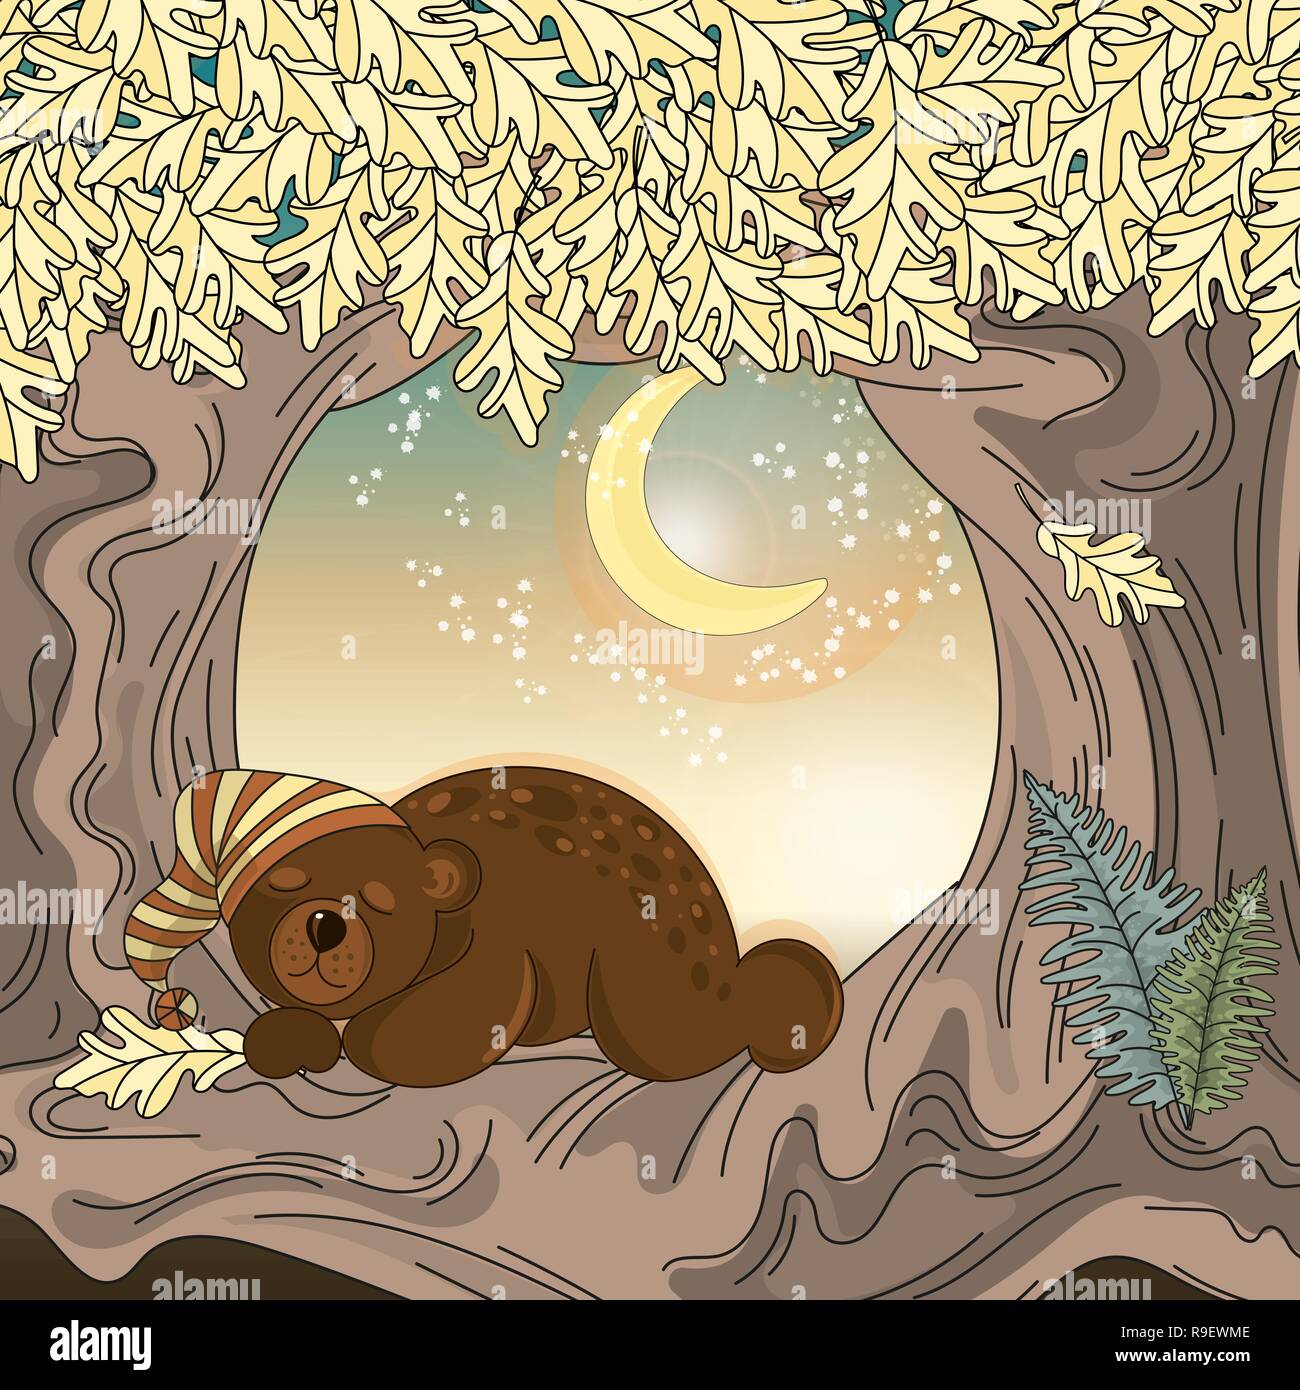 ab8e235f034 Conjunto Ilustración Vector Animal oso dormido para impresión ...